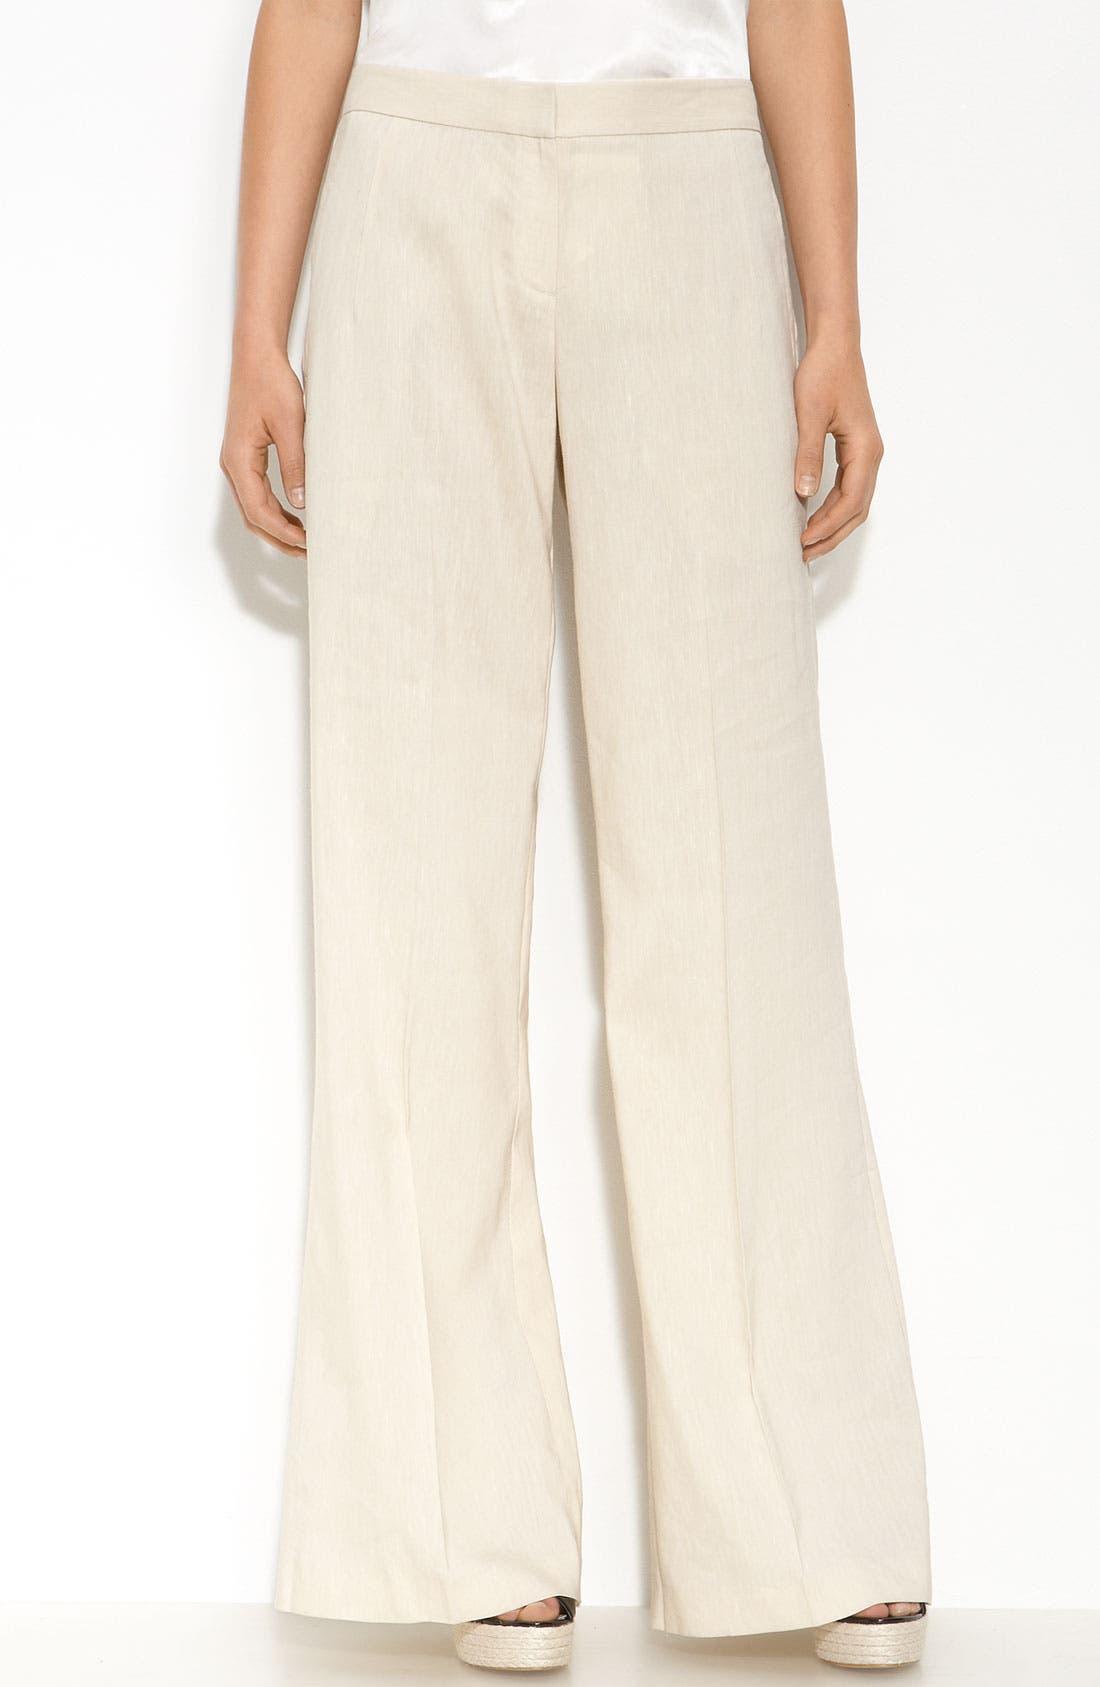 THEORY,                             'Fyran - Wool Crunch' Pants,                             Main thumbnail 1, color,                             270